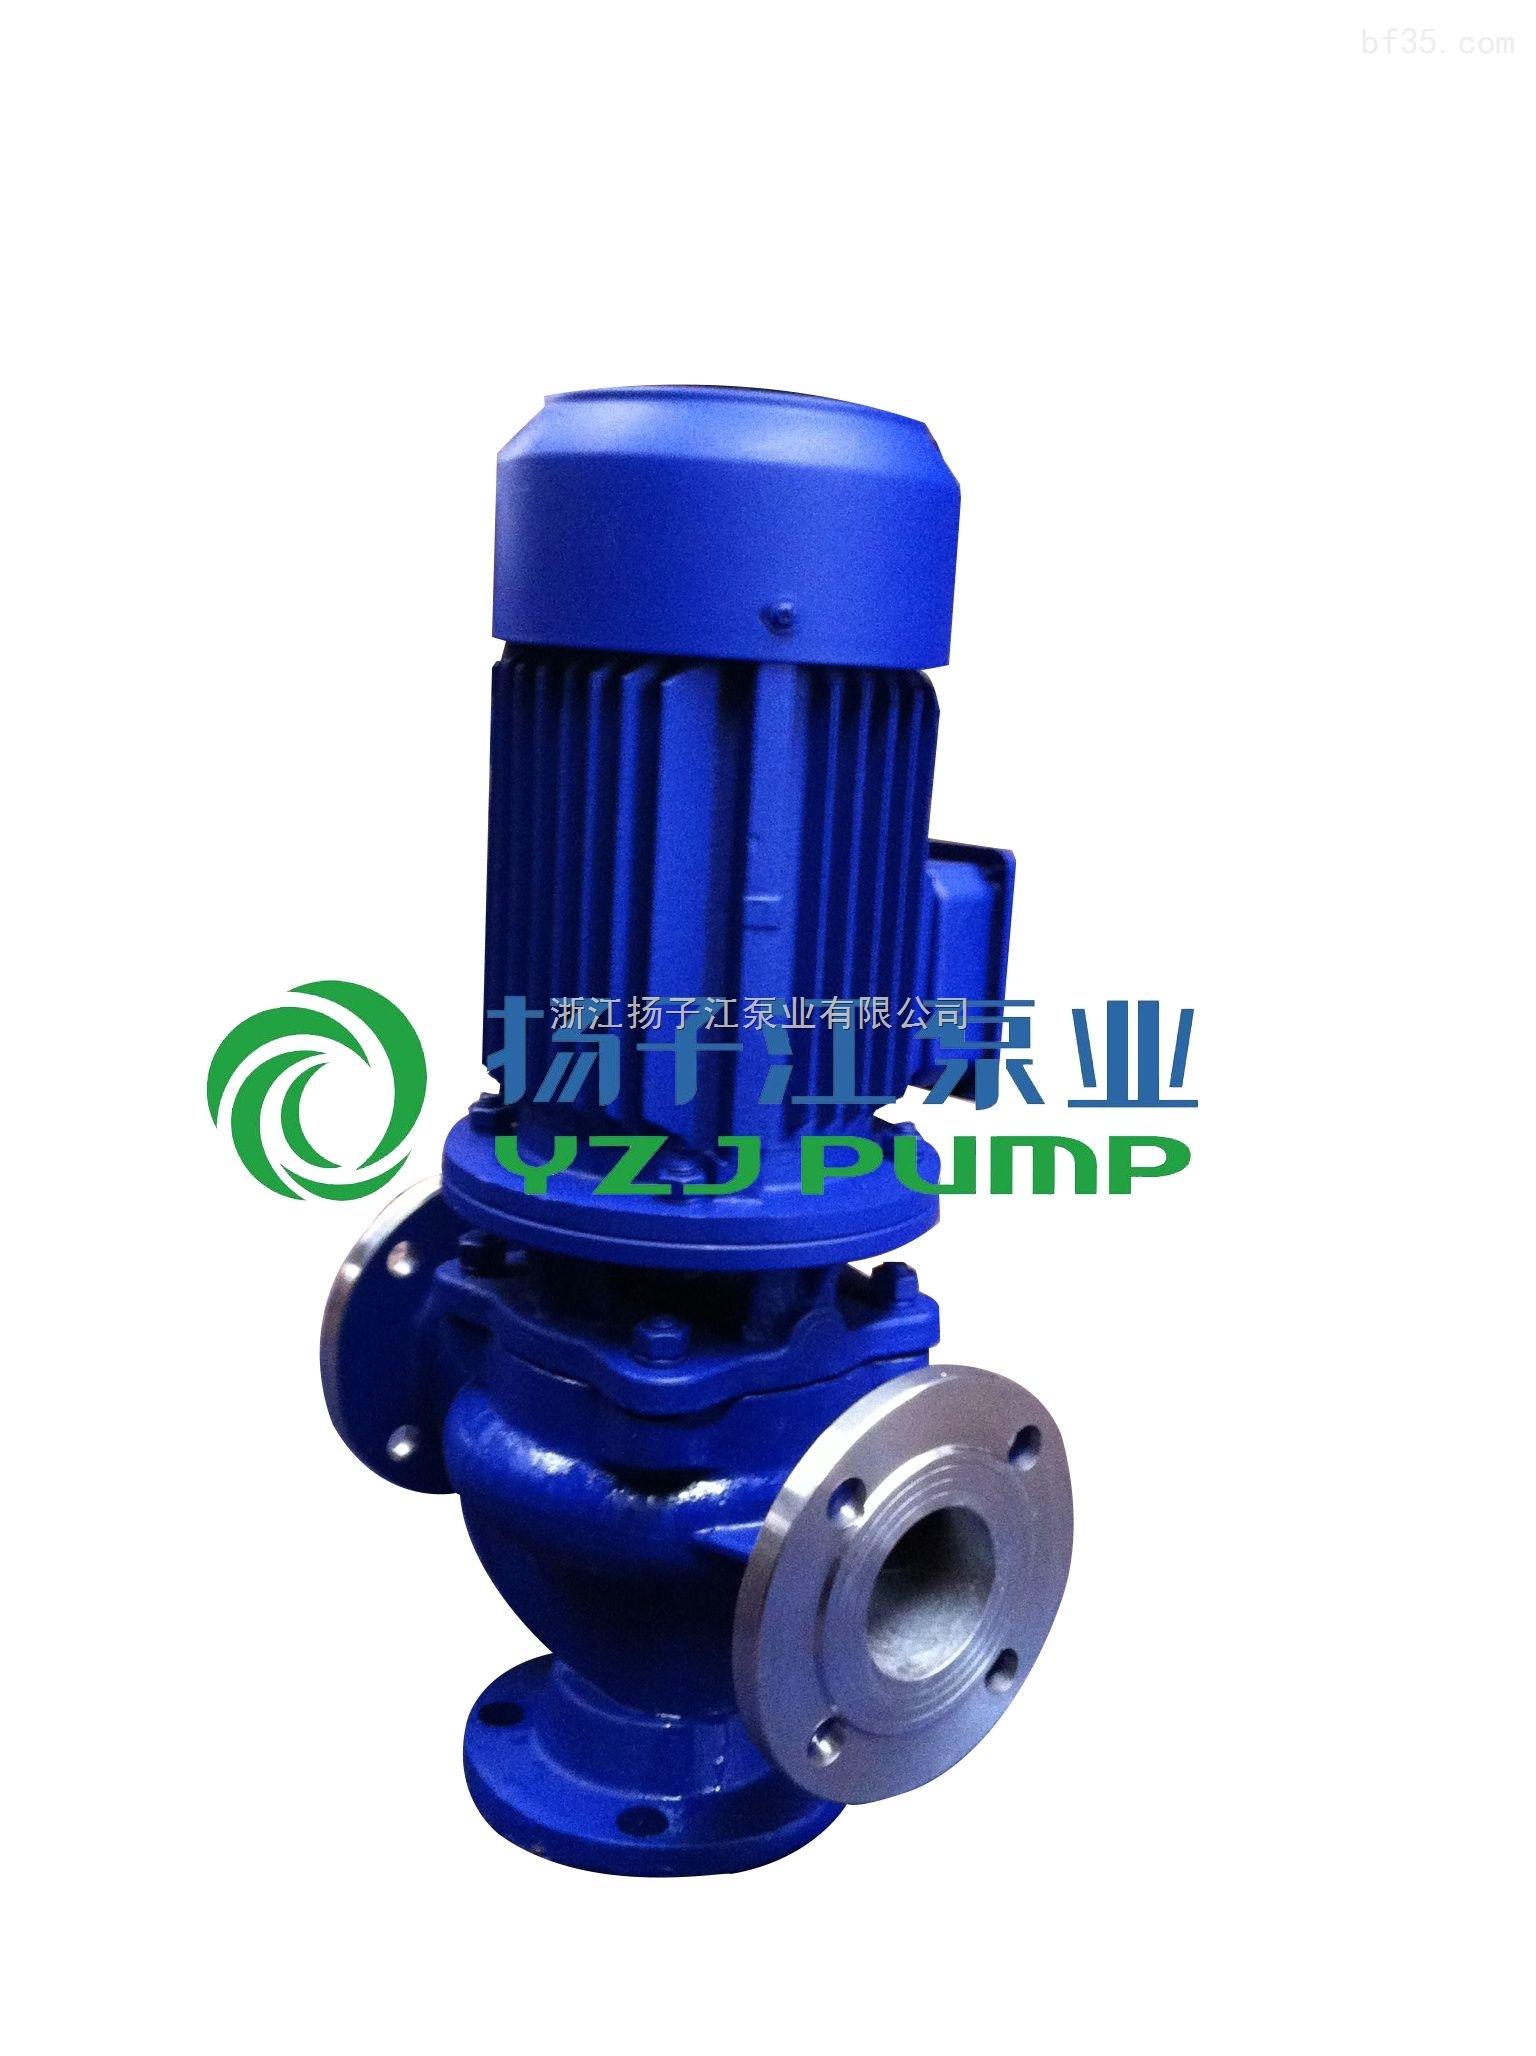 立式不锈钢管道泵 GW污水泵选型 150GW130-30-22 污水泵型号